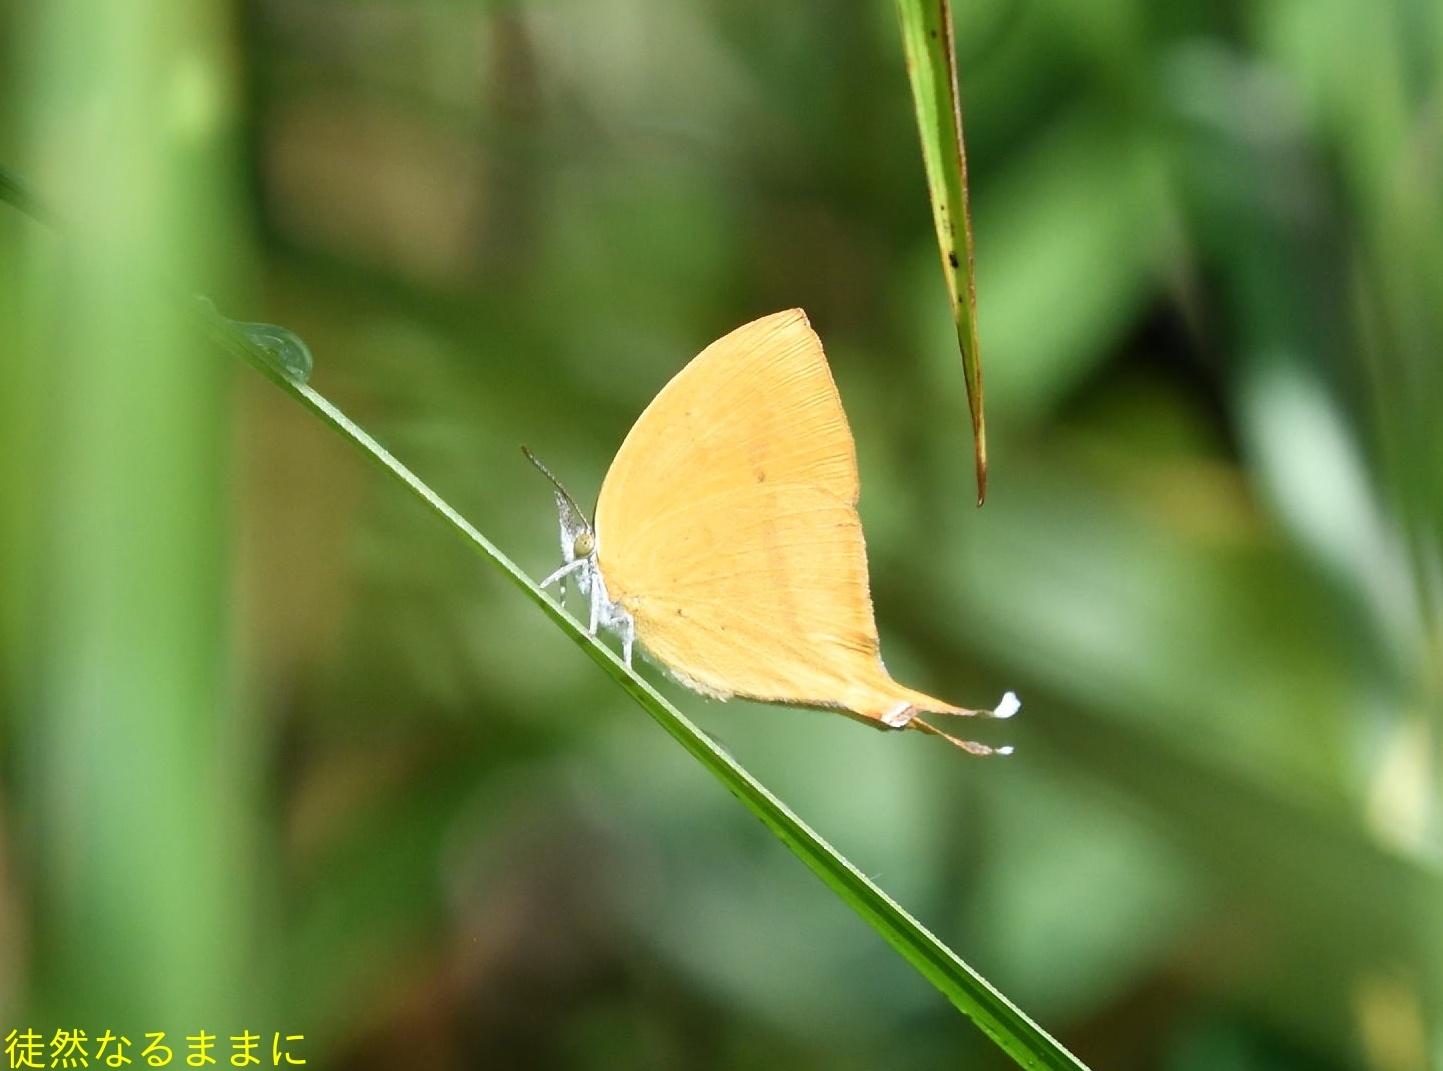 12月30日 AM ホテルの周りの蝶たち inランカウイ島_d0285540_07325810.jpg